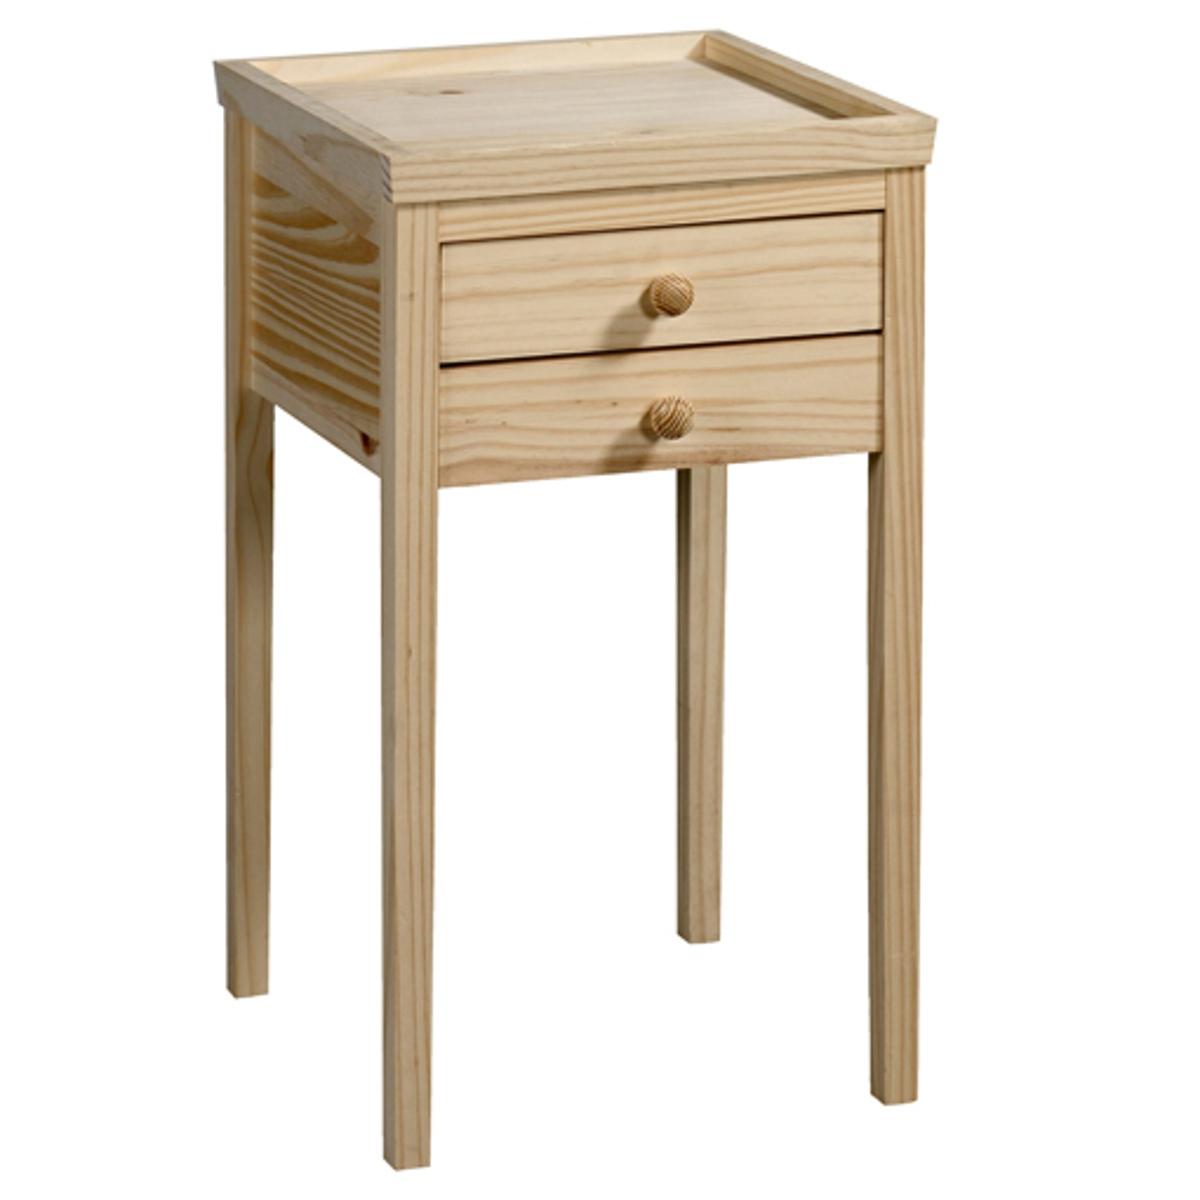 Прикроватный столик Alex, 3 варианта отделкиХарактеристики :- Из массива сосны без обработки под покраску, покрытие нитролаком белого или светло-серого цвета.- Мебель под окраску. Для оптимального результата рекомендуем сначала покрыть нашу мебель грунтовкой, а после нанести 1-2 слоя краски. Описание :- 2 ящика- Данная модель легко собирается, инструкция по сборке прилагается. Размеры  :- Шир. 40 x Выс. 70 x Гл. 40 см.- Размеры ящика : Шир. 30 x Выс. 5,5 x Гл. 27,5 см.- Вес : 6,9 кгРазмеры и вес упаковки :- Шир. 97 x Выс. 9,5 x Гл. 46 см, 8,5 кг<br><br>Цвет: под покраску